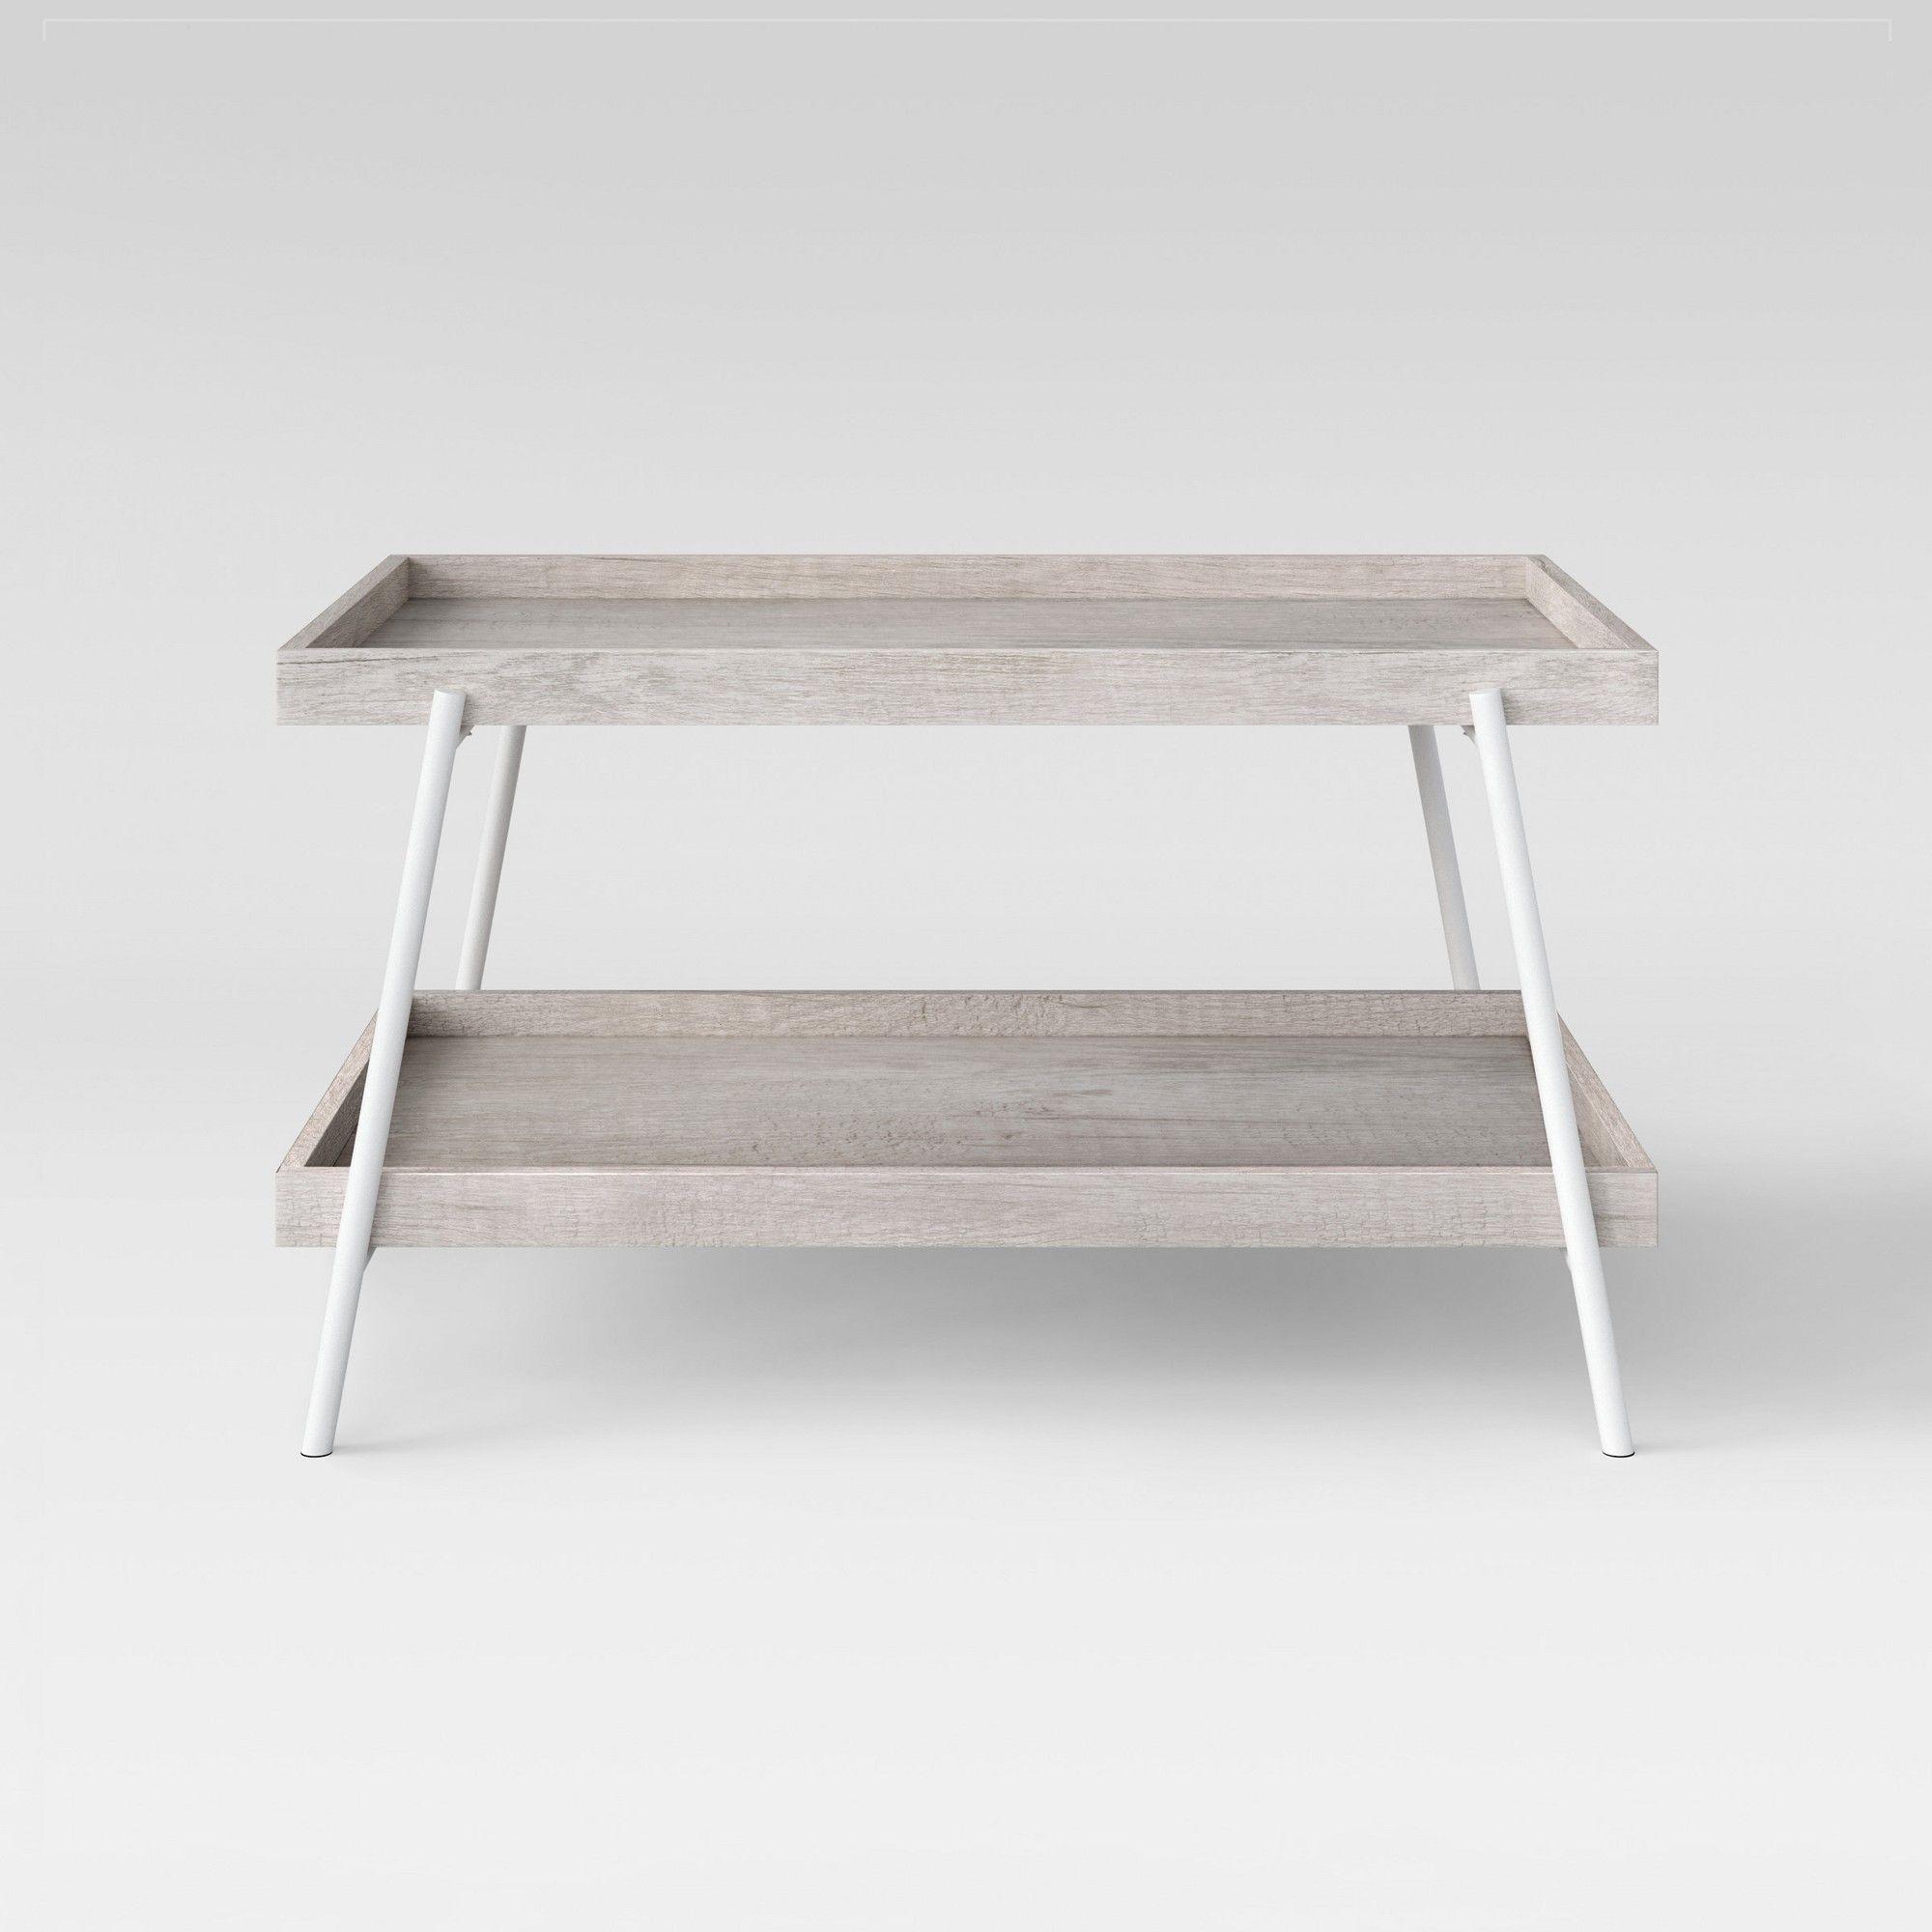 Esszimmermöbel mit lagerung hillside coffee table  white  project  weathered white